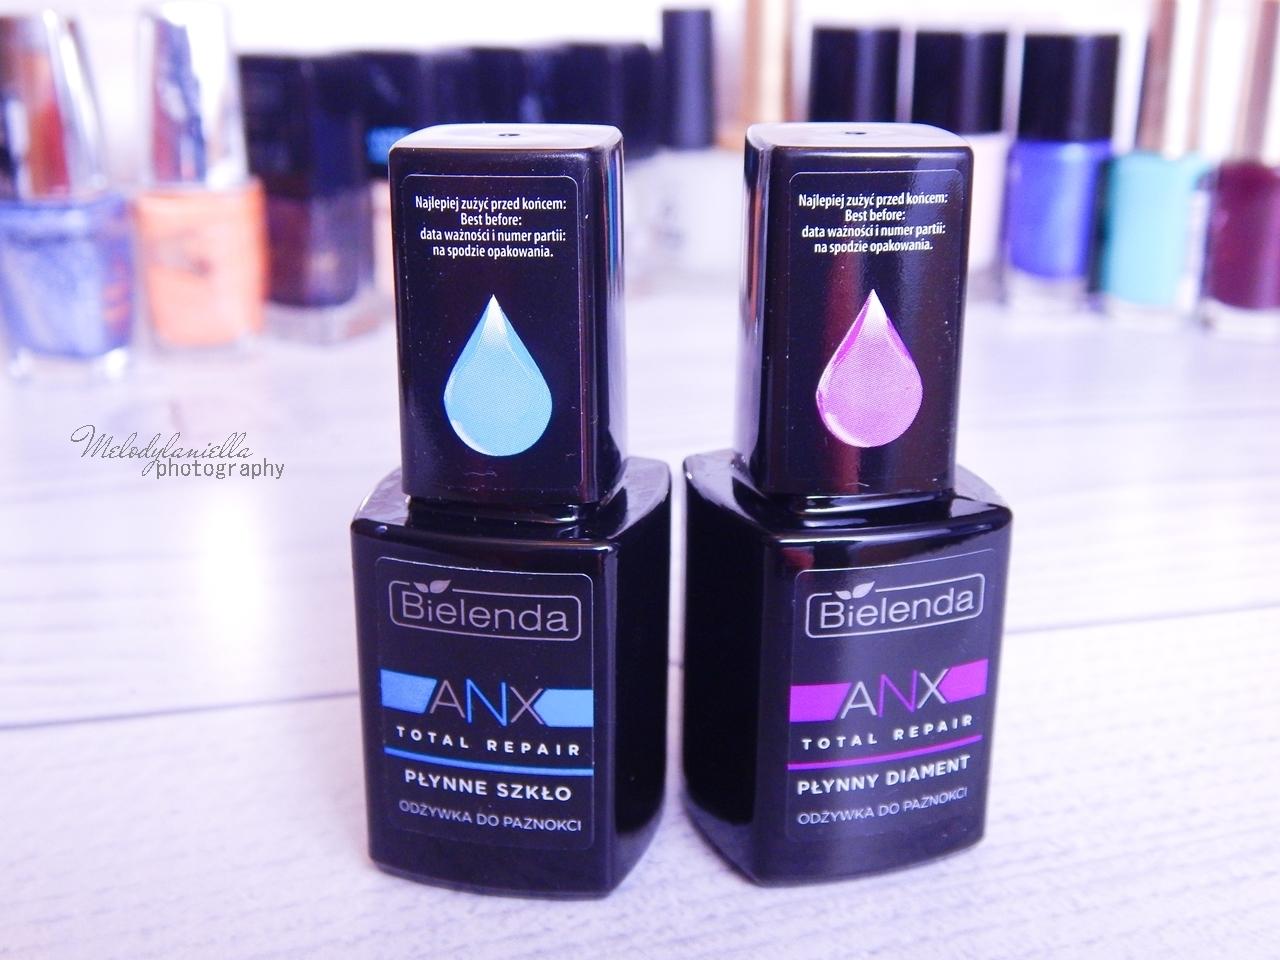 5 bielenda total repair odżywka płynne szkło płynny diament anx recenzja najlepsze odżywki serum do paznokci jak wzmocnić paznokcie french manicure